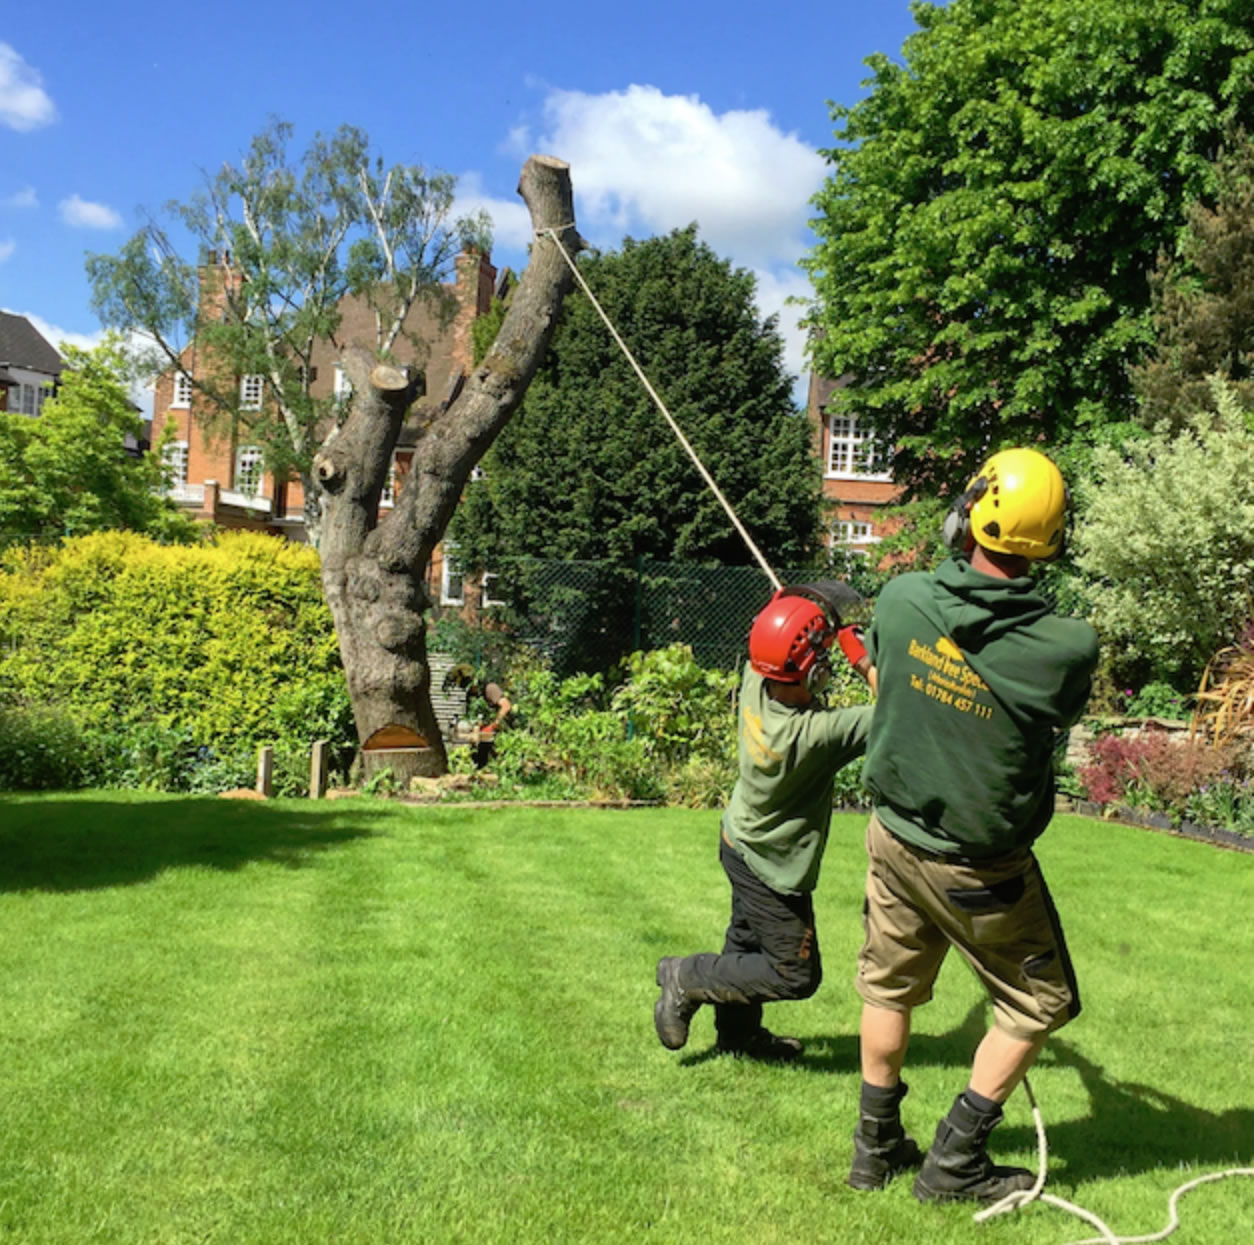 Weybridge Tree Felling - Green Outdoors - Weybridge Surrey Tree Services